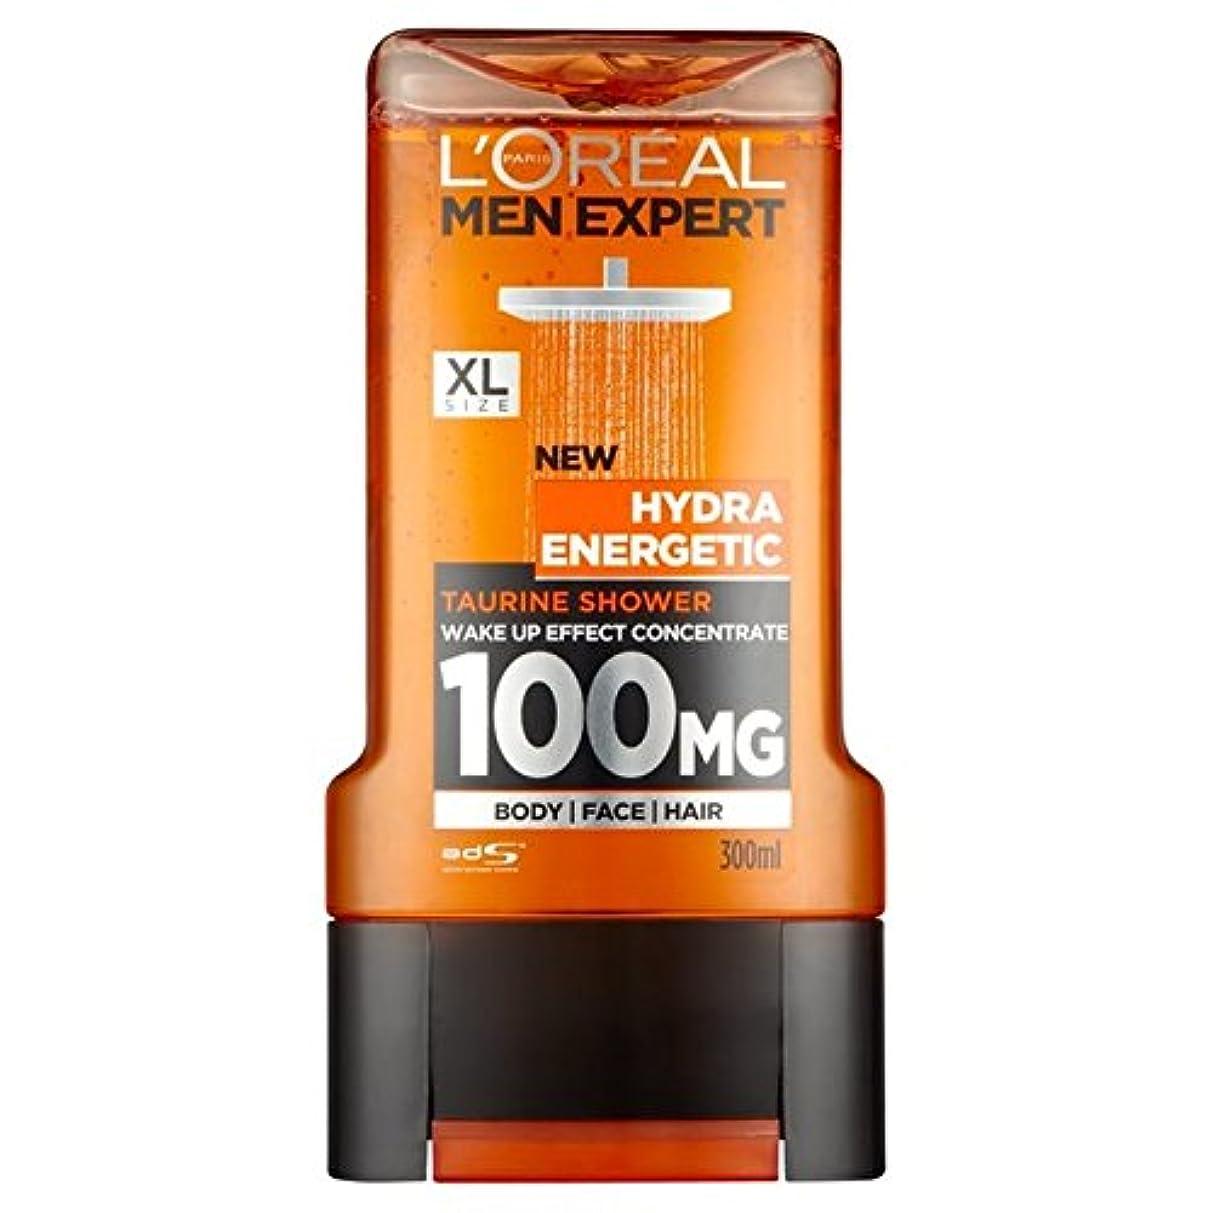 ビルダー名誉ある有能なロレアルパリのメンズ専門家ヒドラエネルギッシュなシャワージェル300ミリリットル x2 - L'Oreal Paris Men Expert Hydra Energetic Shower Gel 300ml (Pack of 2) [並行輸入品]